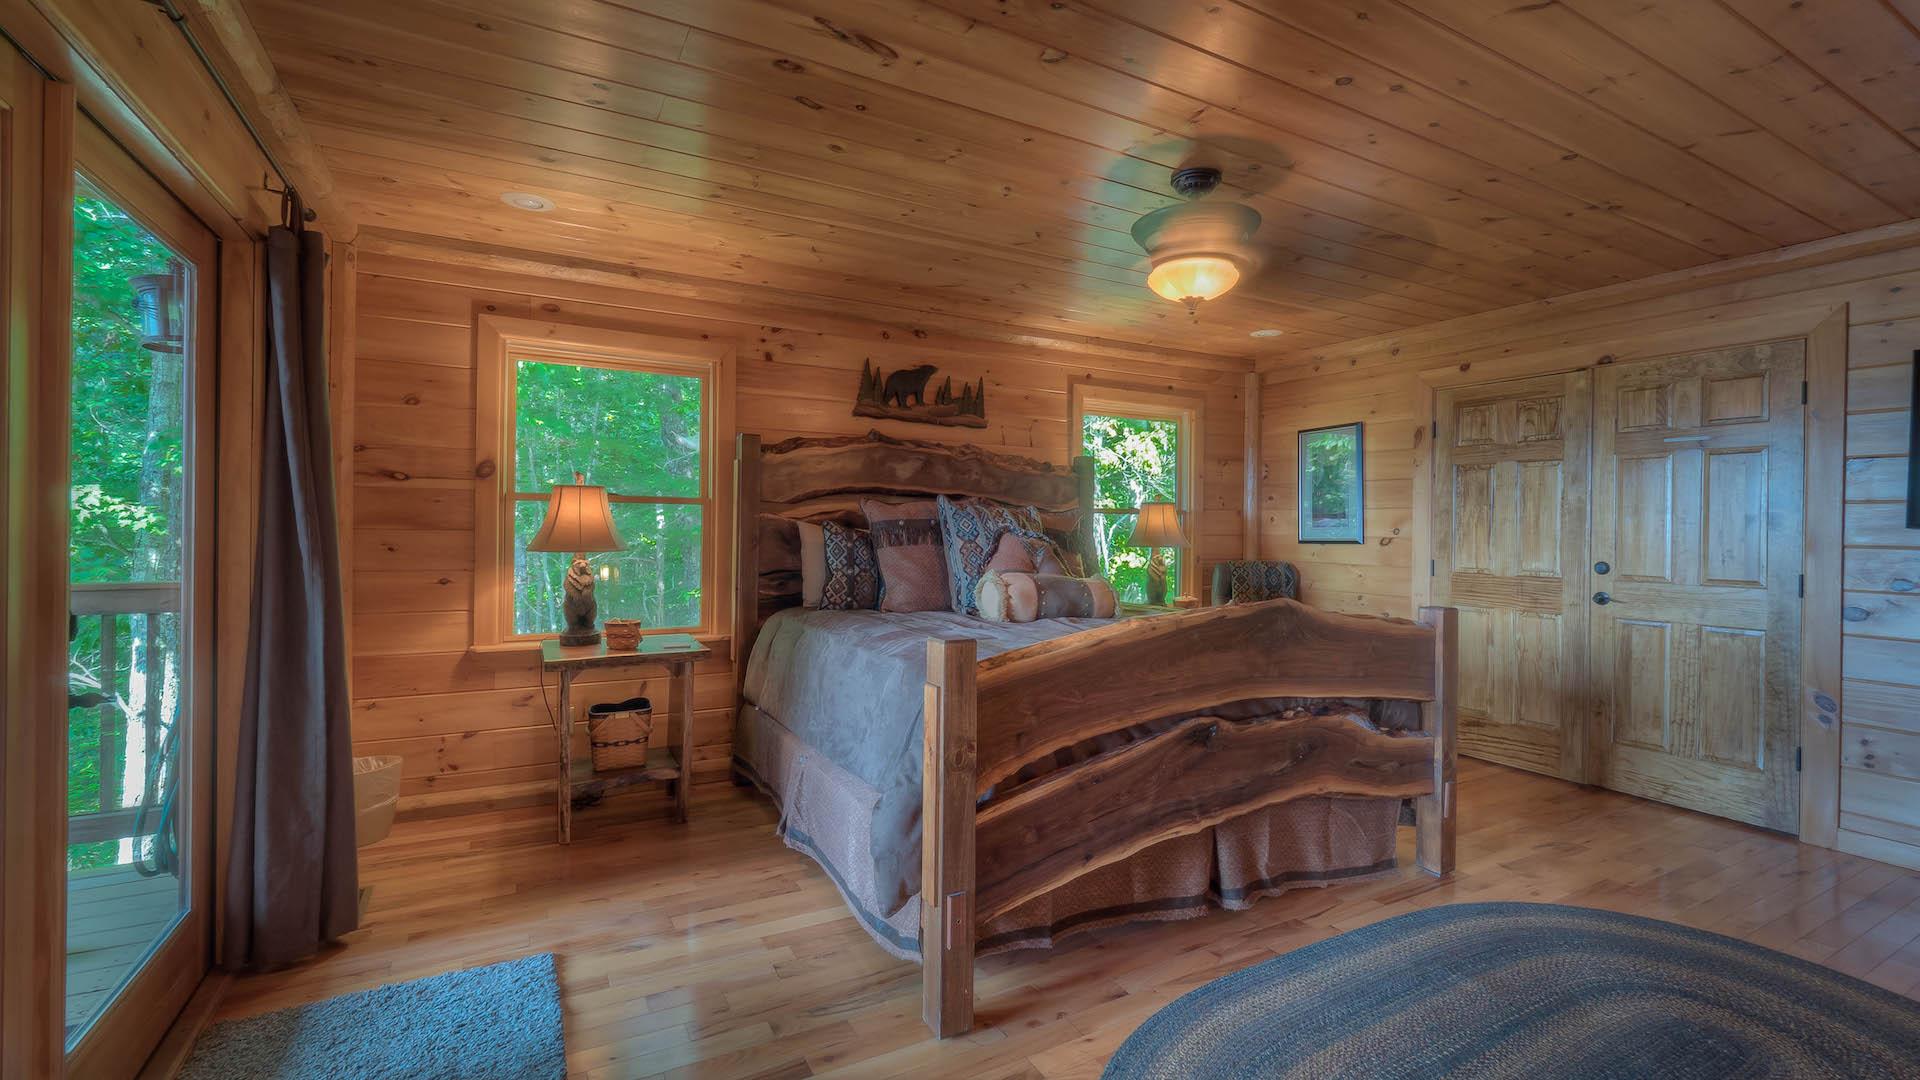 downtown blue ridge  ga lodging accommodations